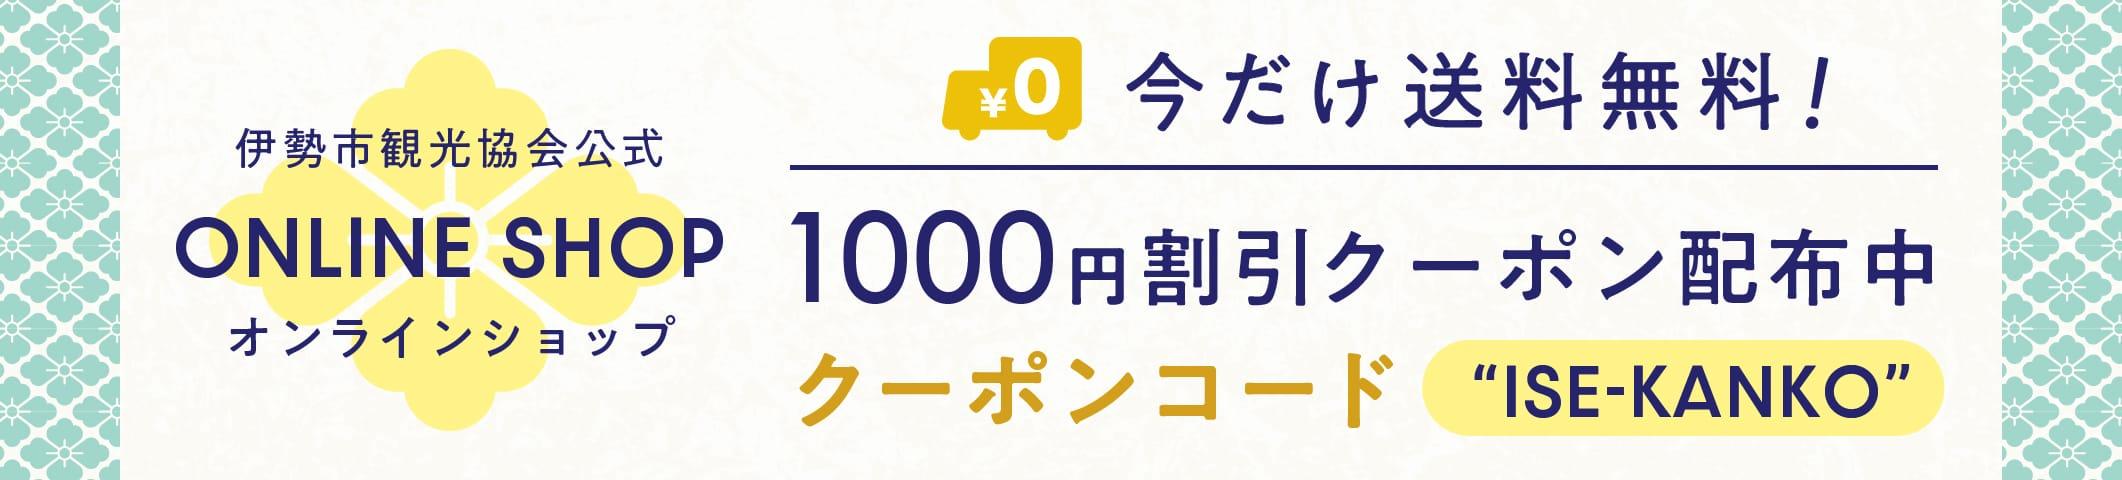 Sito ufficiale dello shopping dell'Associazione Turistica di Ise City